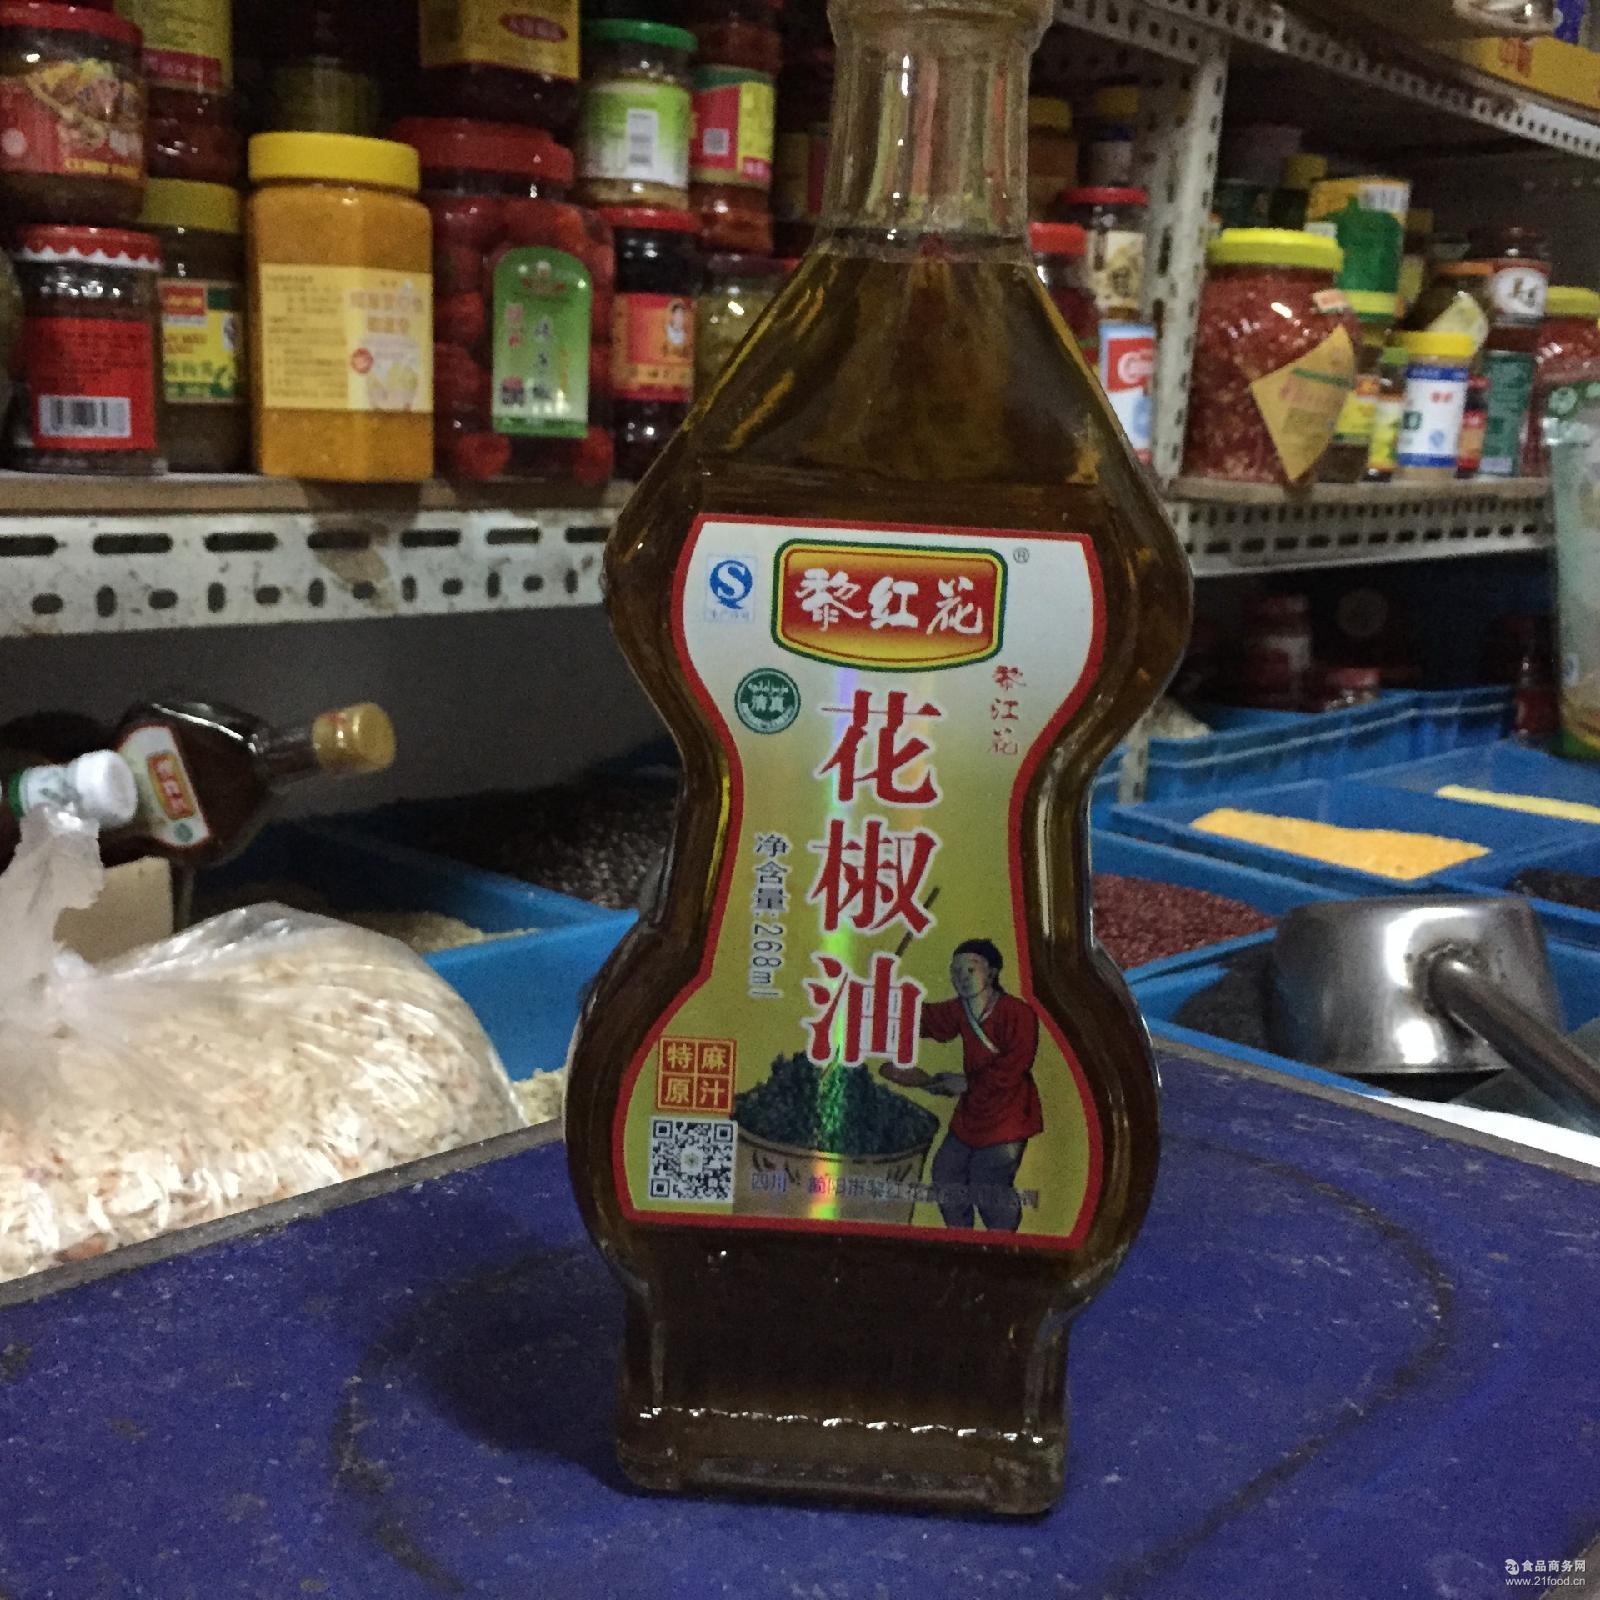 川菜*调味油 厂家直销 黎红花椒油268毫升